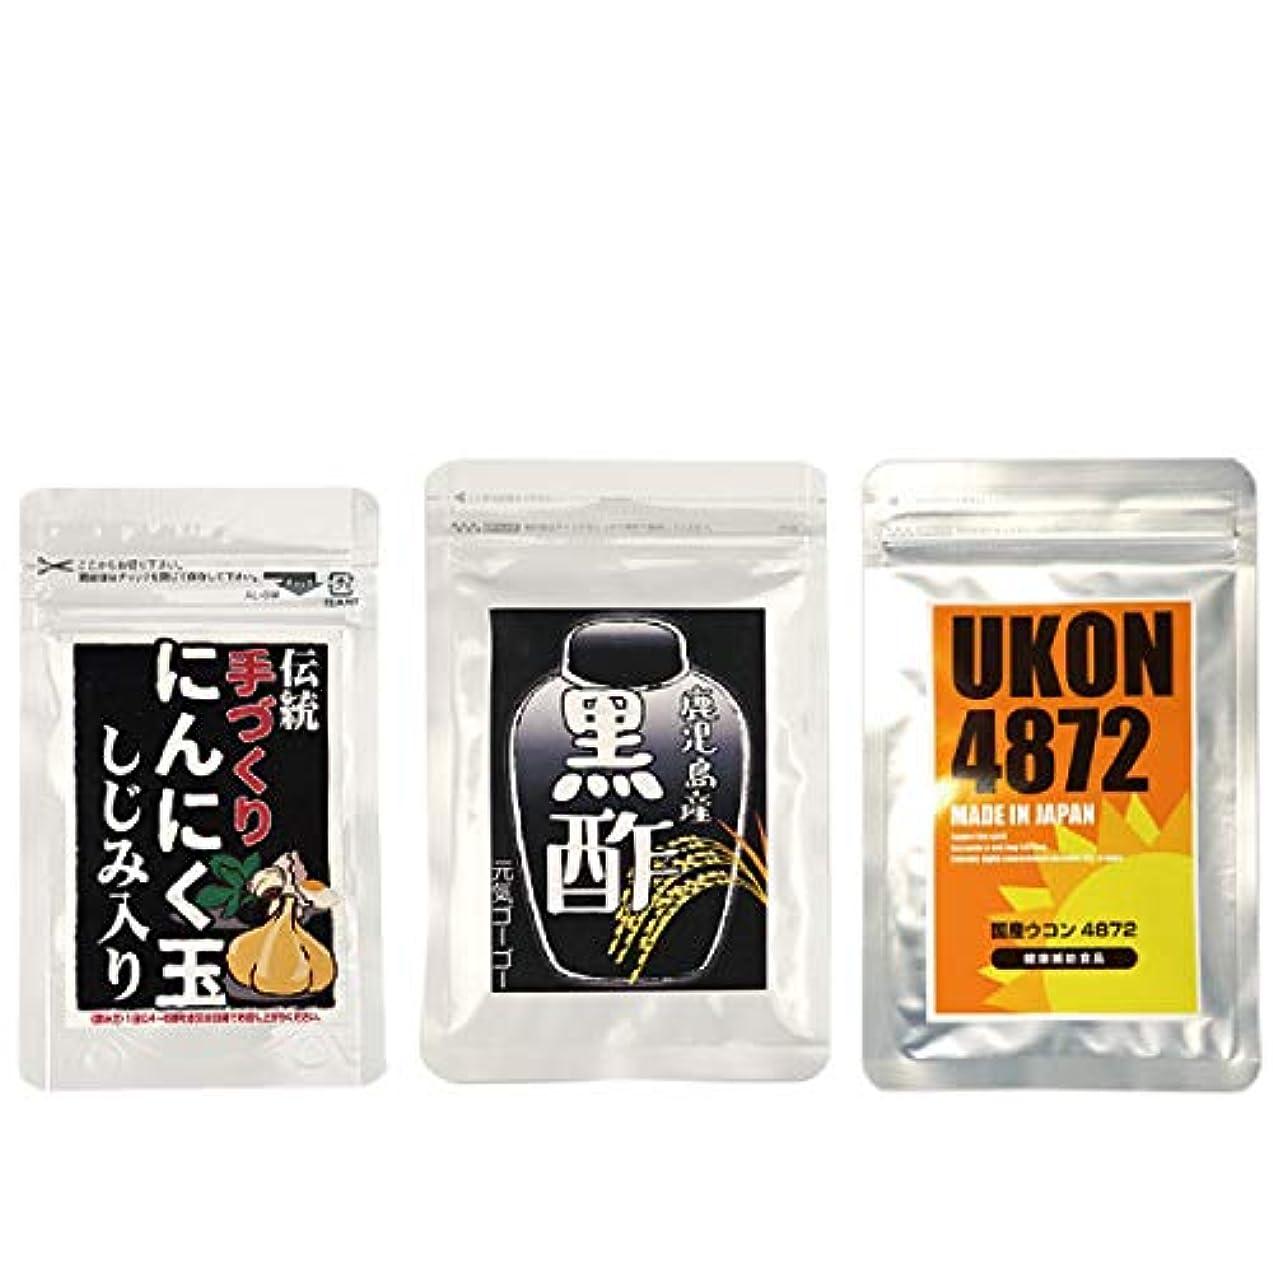 デッキ事業暗い伝統手づくりにんにく玉【黒ラベル】もろみ黒酢 元気ウコン 各1袋